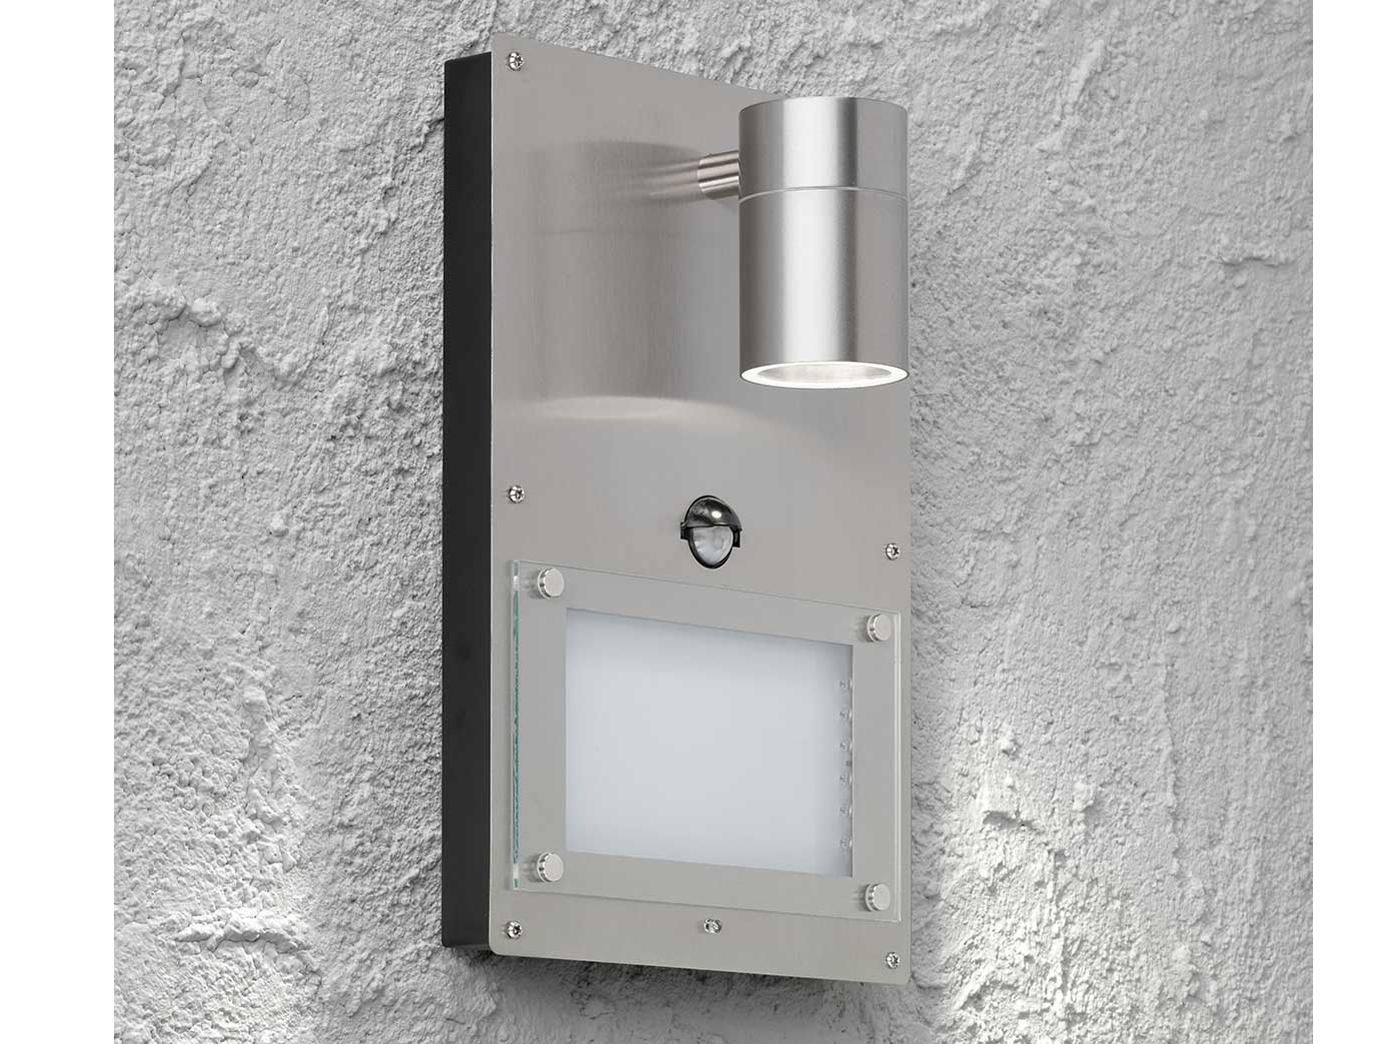 Hervorragend Edelstahl LED Hausnummernleuchte mit Bewegungsmelder, Wandleuchte BU67